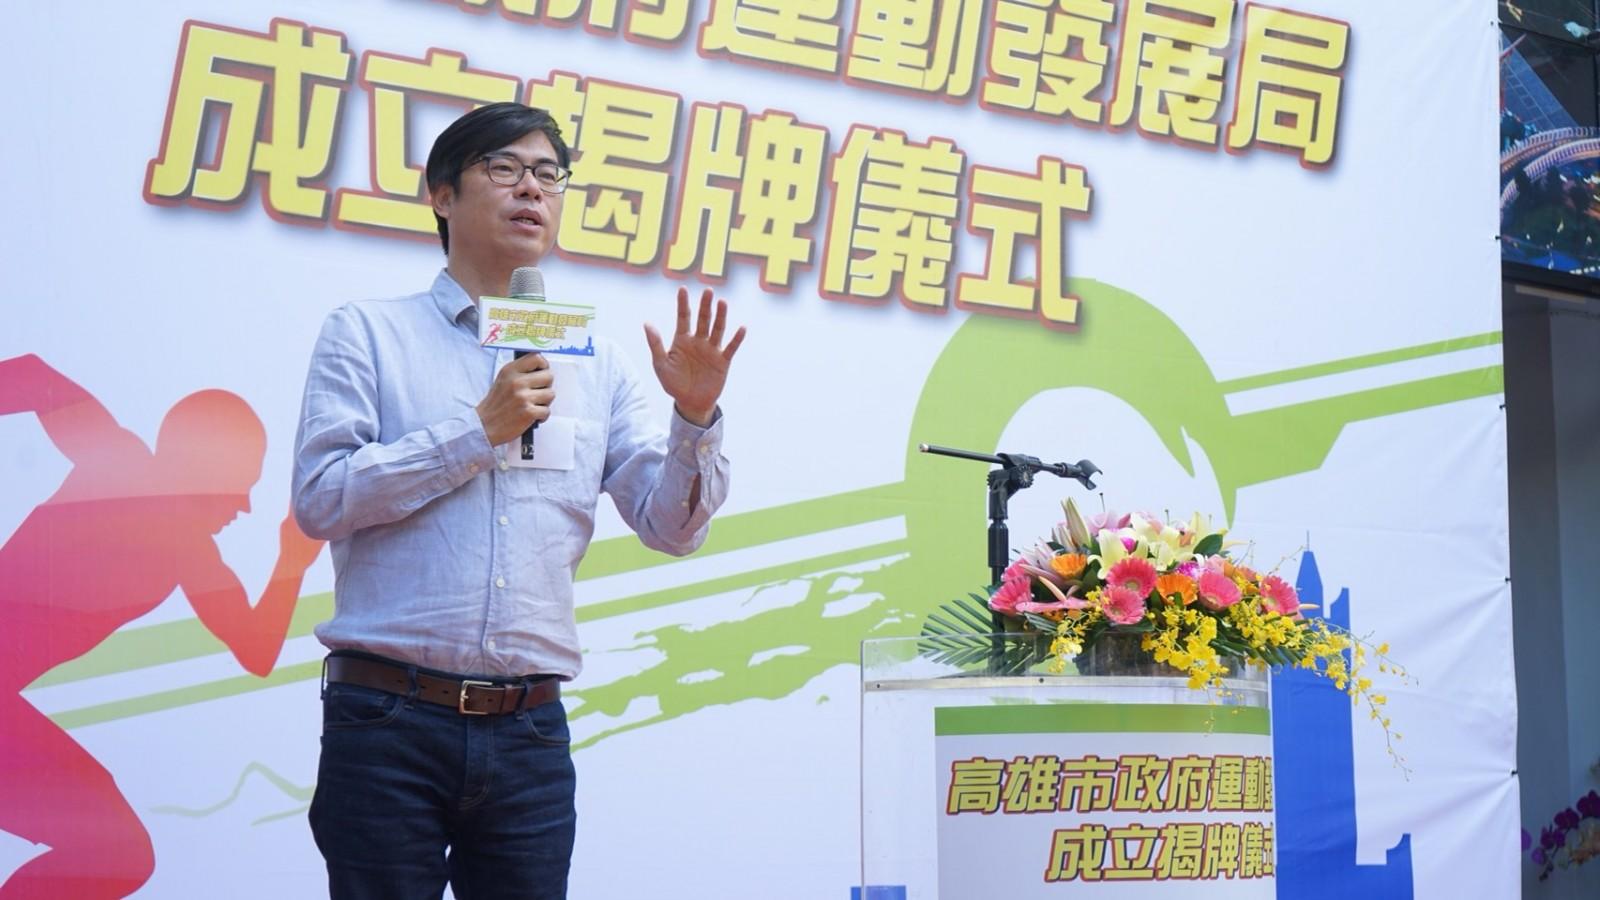 陳其邁:爭取職棒第5隊、2030亞運在高雄